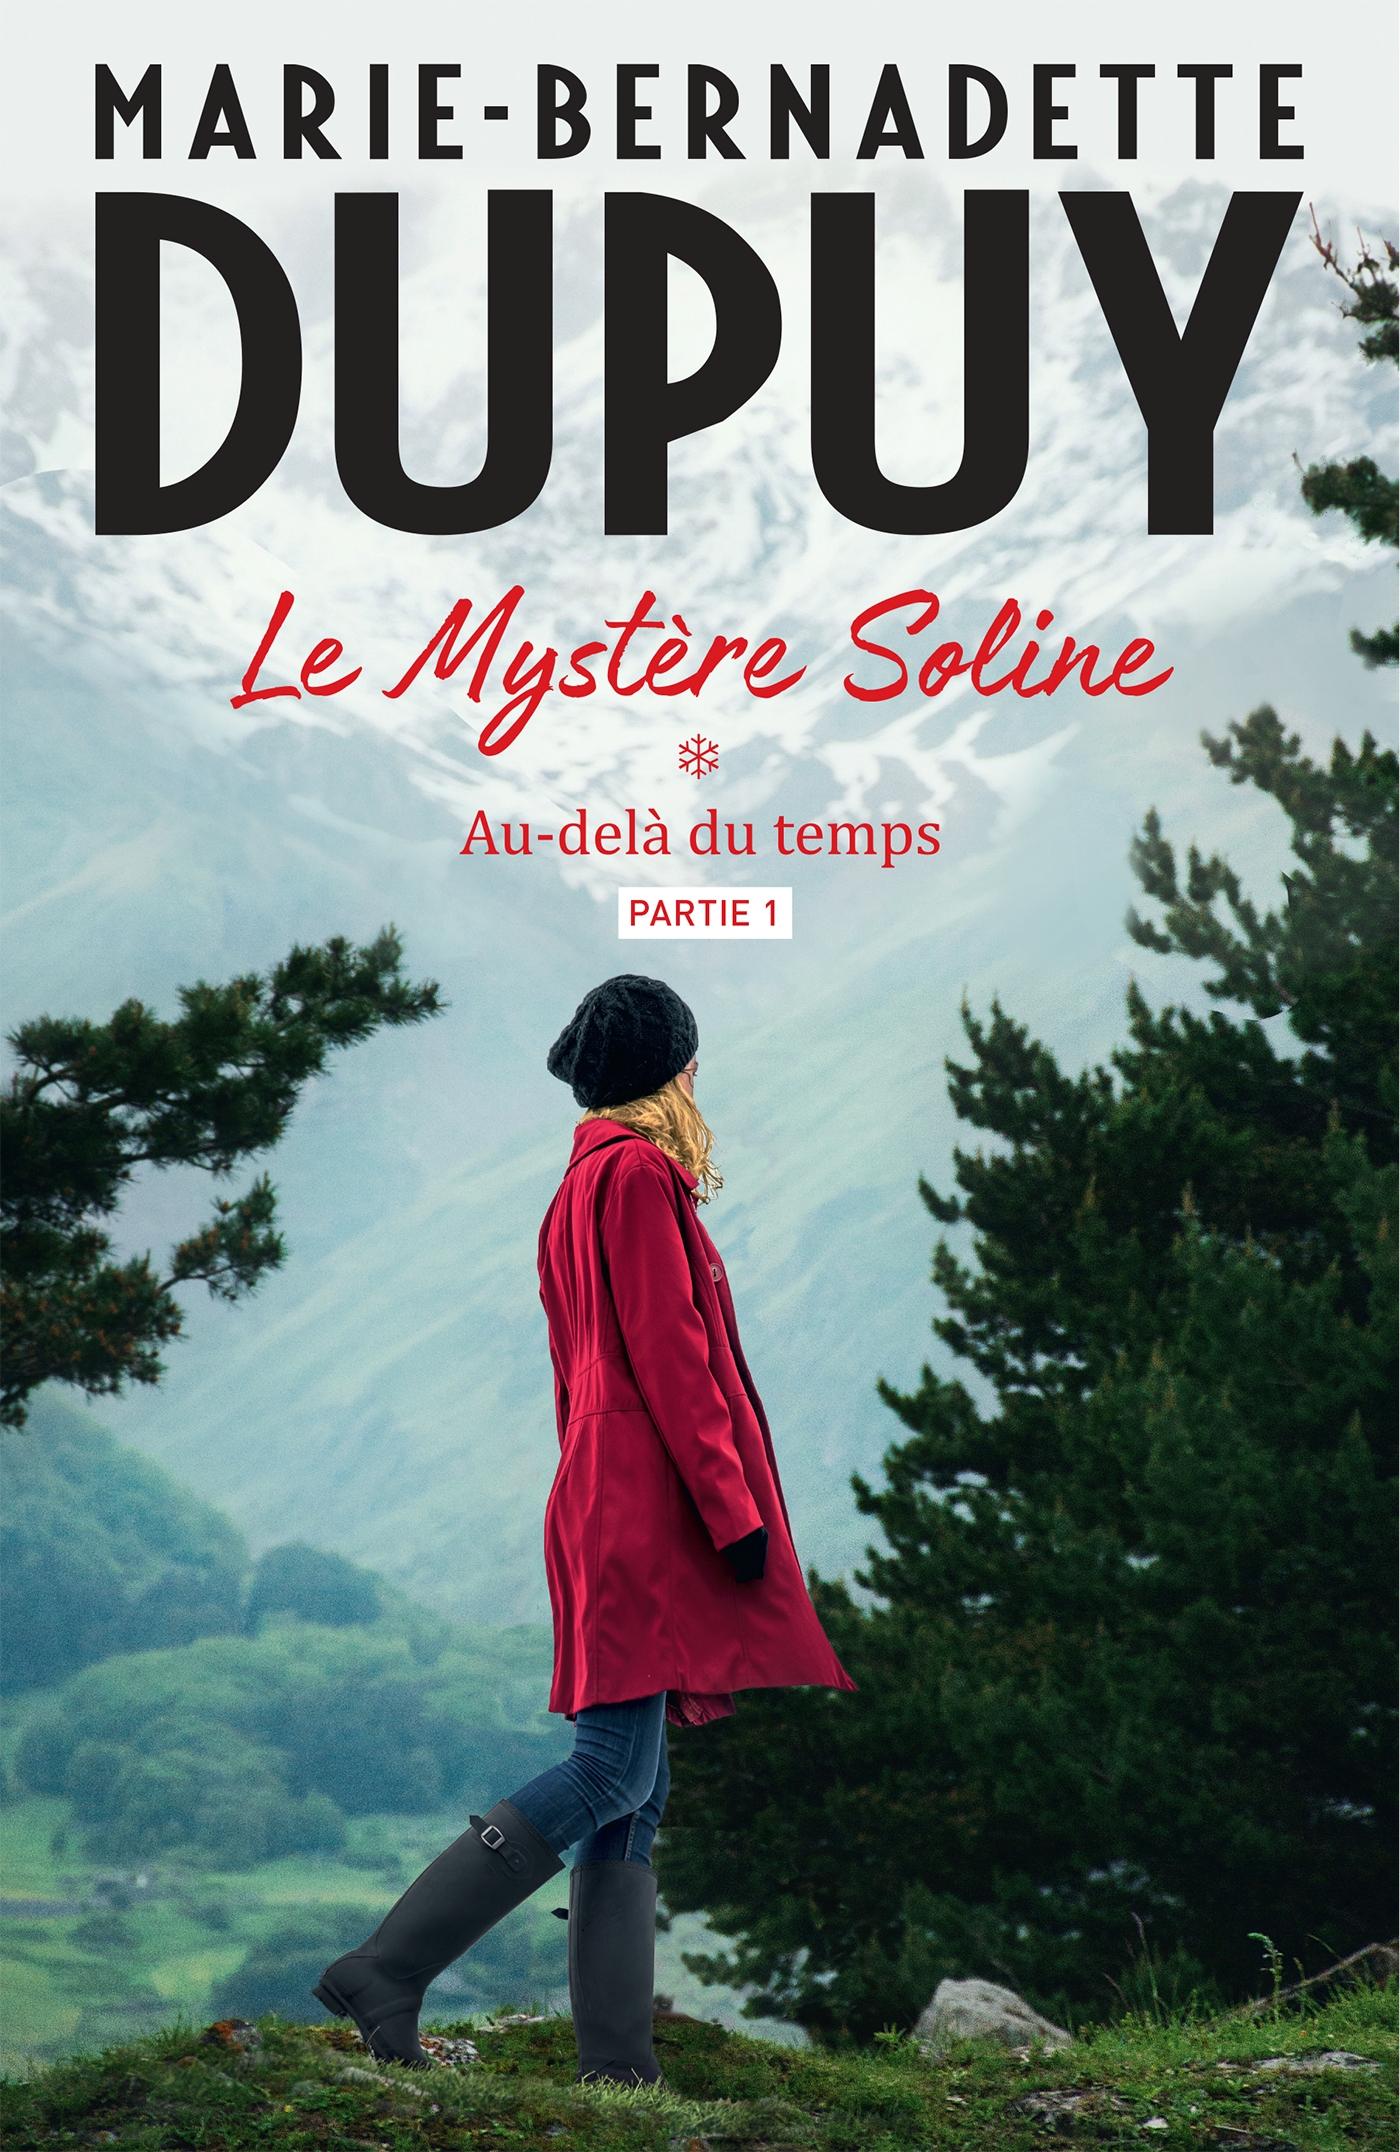 Le Mystère Soline, T1 - Au-delà du temps - partie 1 | Dupuy, Marie-Bernadette. Auteur